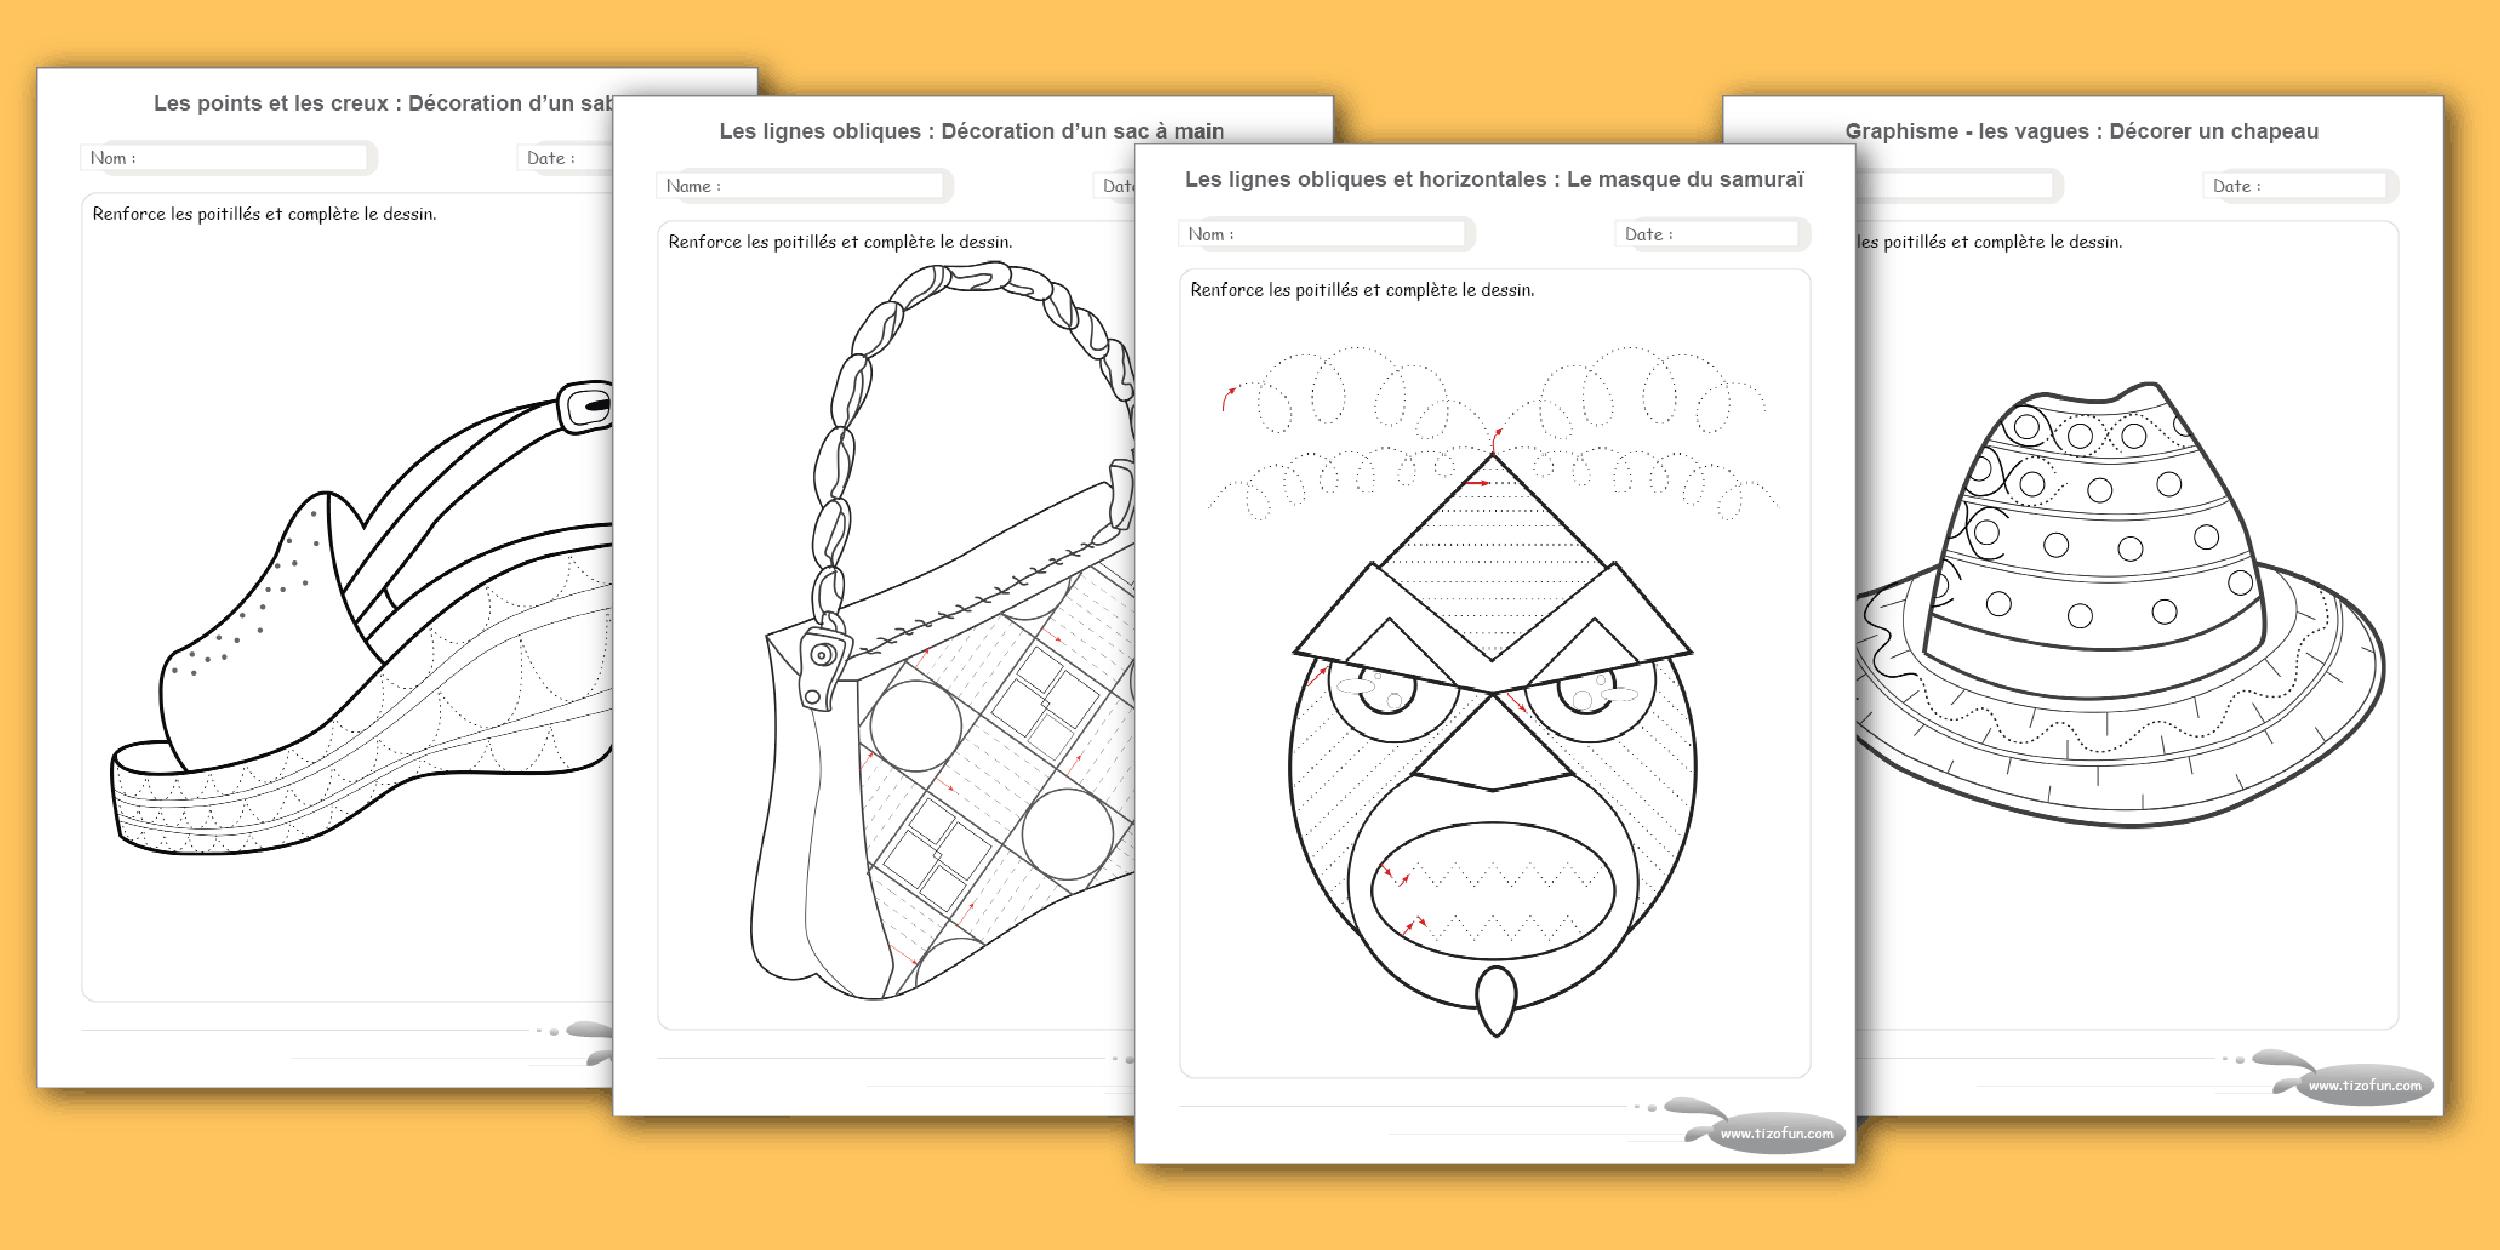 Exercices Maternelle Motricité Fine Par Le Dessin A Imprimer avec Graphisme Vagues Ms